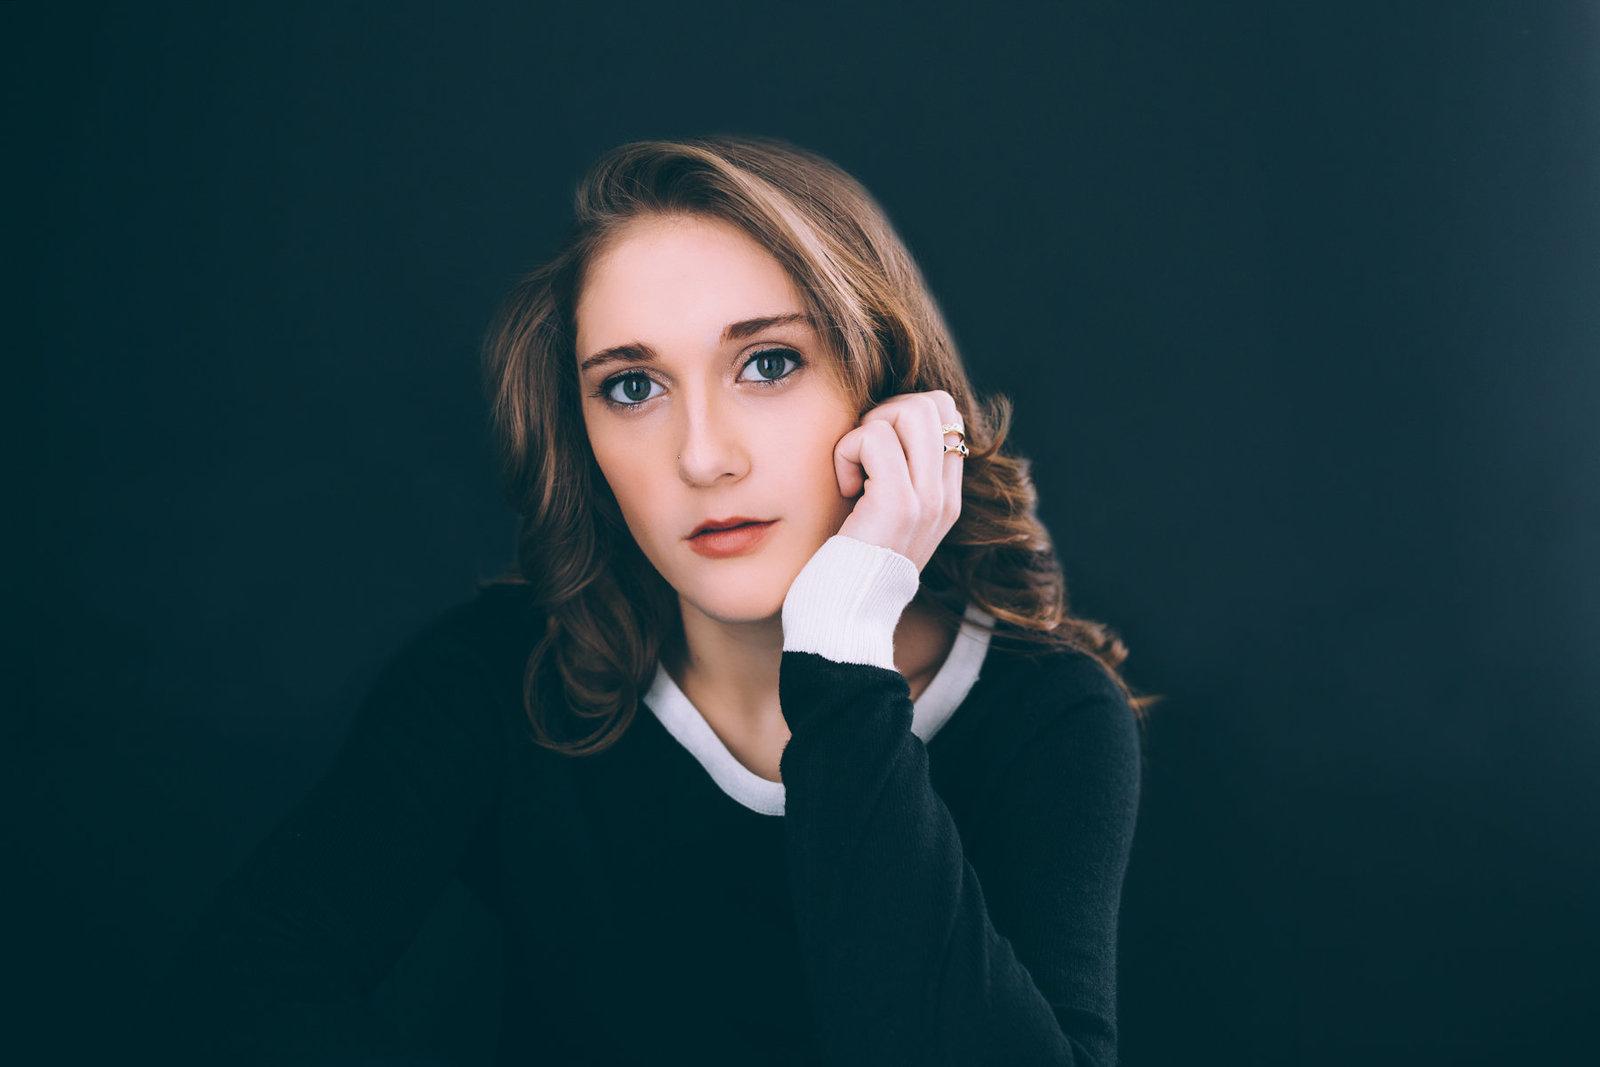 Portraits-5